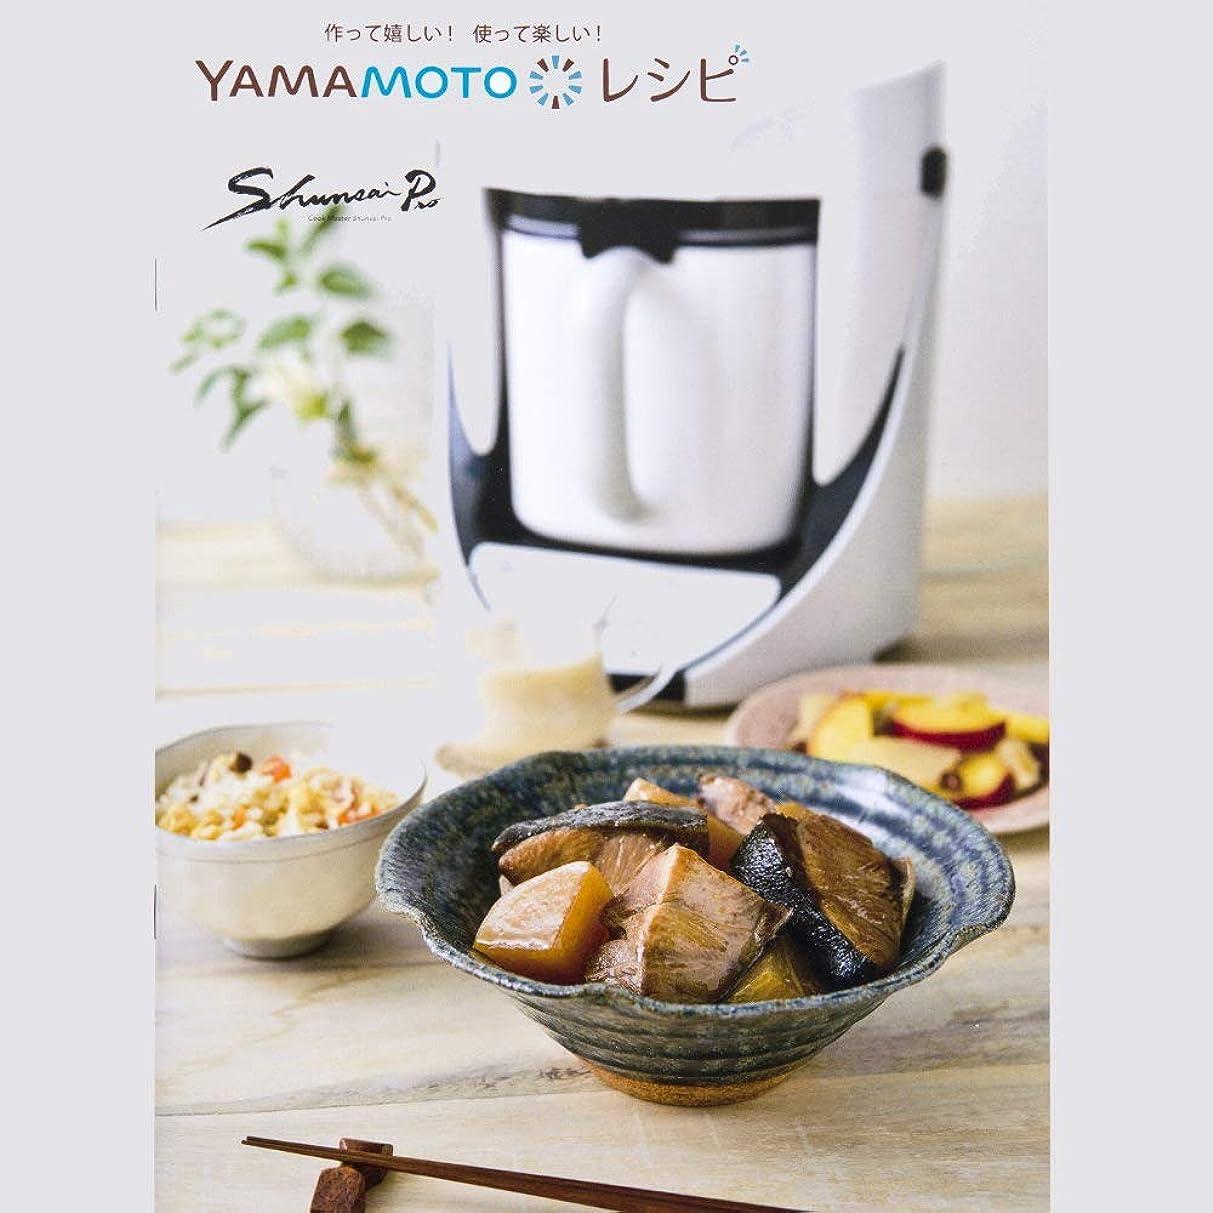 育成合理的アイザックコイズミ スープメーカー レッドVitalie(ビタリエ) KSM-1000/R